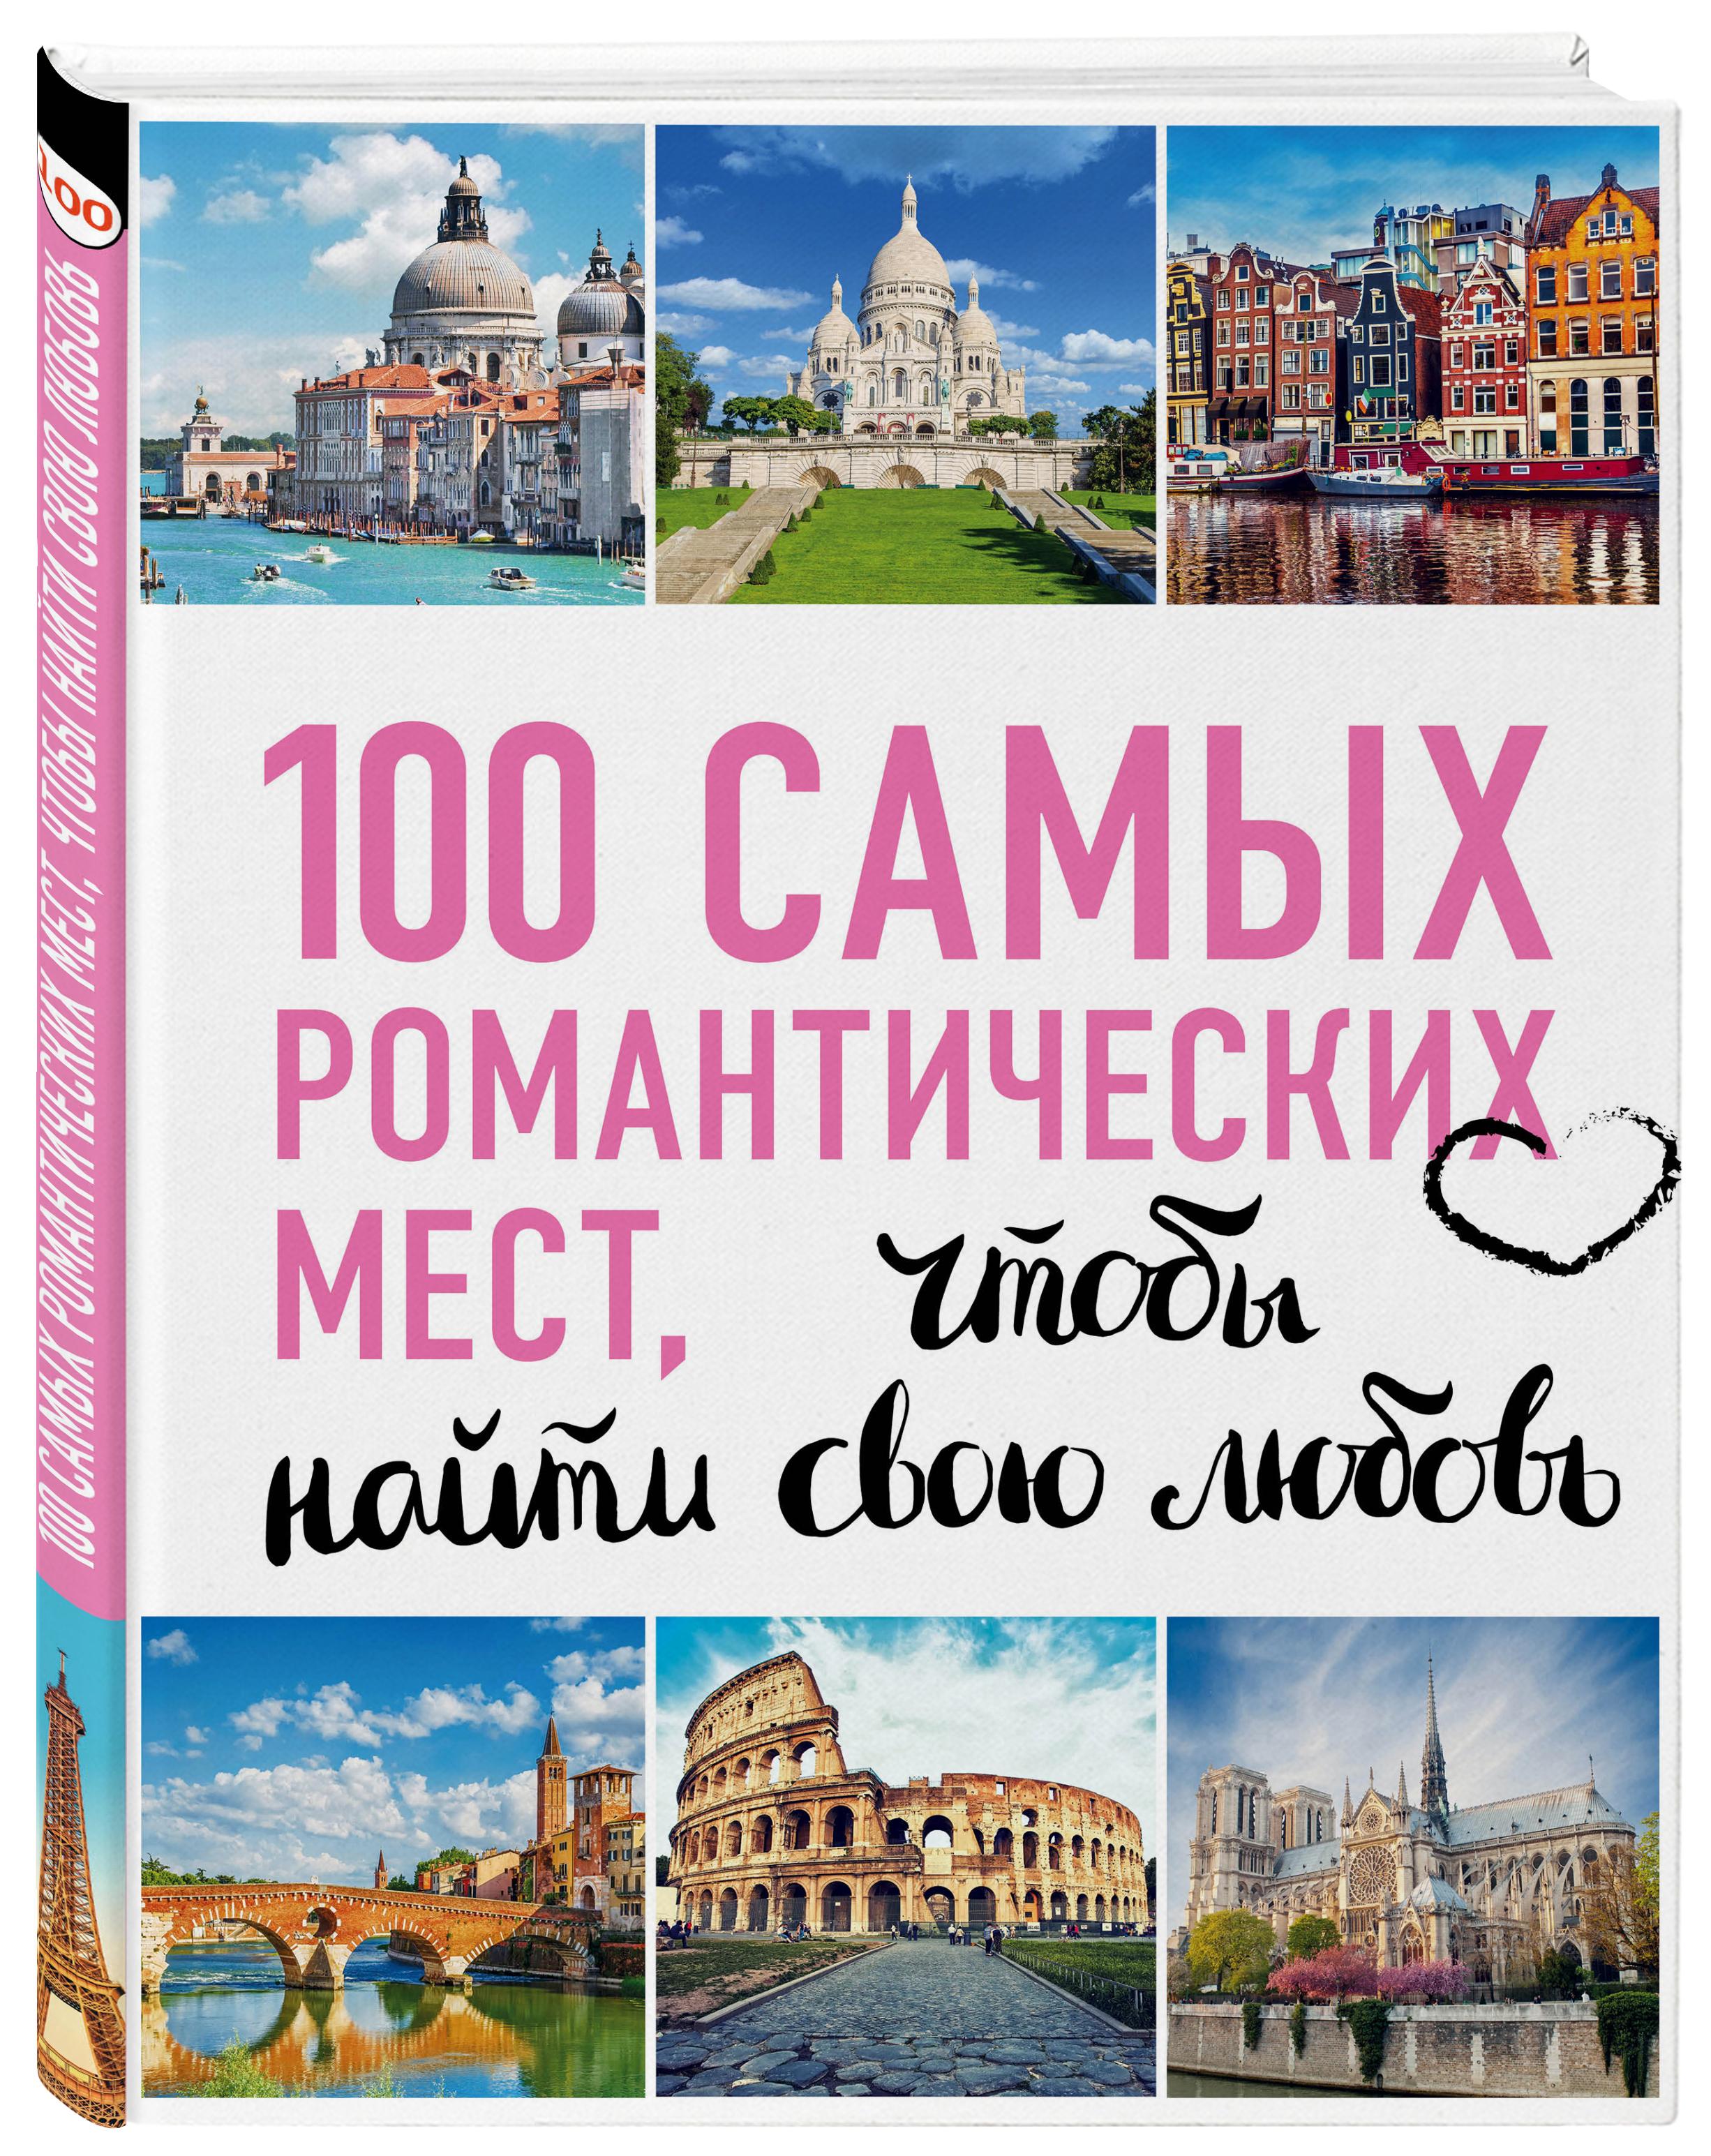 100 самых романтических мест мира, чтобы найти свою любовь. 2-е изд. испр. и доп. (нов. оф. серии) 100 самых романтических мест мира